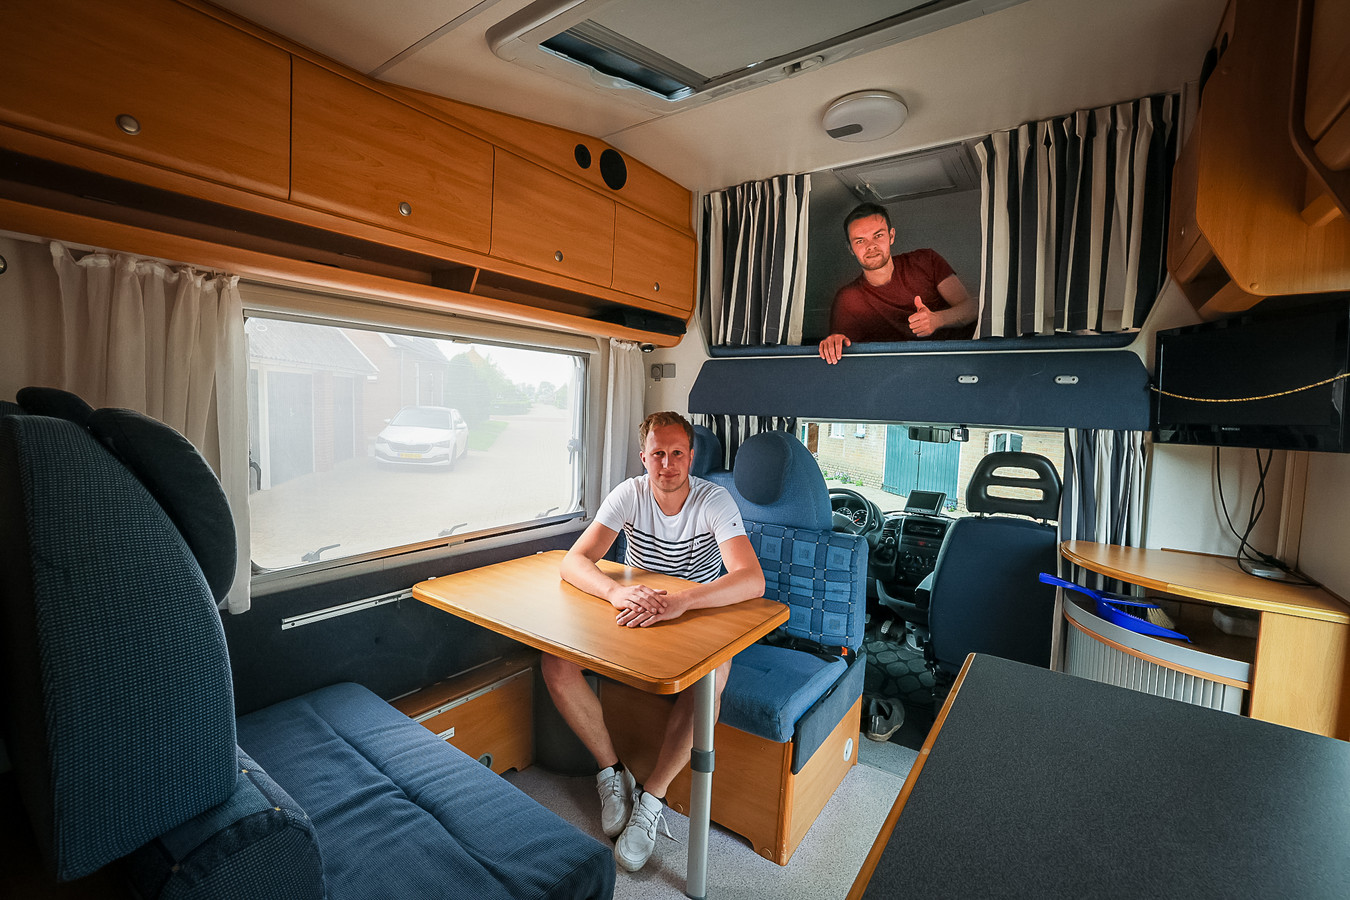 De verkoop van campers bereikt een recordhoogte. Robert de Weerd (links op stoel) en Harwin Lier uit Staphorst hebben eind vorig jaar een camper gekocht. Ook zij beseffen dat het kostbare bezit bij eigen gebruik meer stilstaat dan op de weg is.